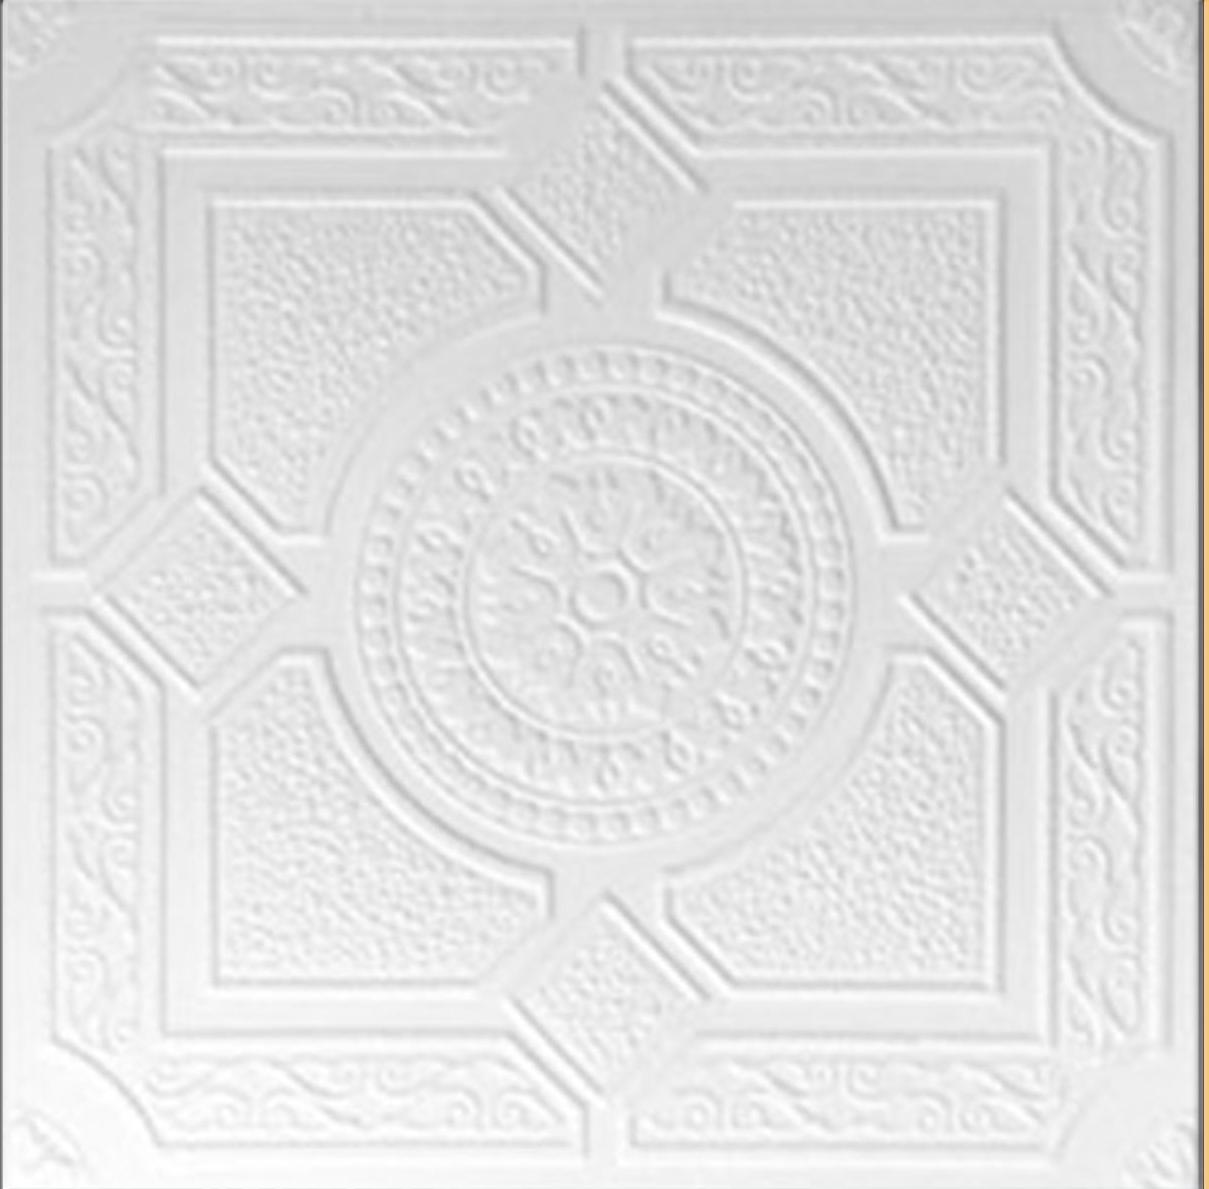 Styrofoam ceiling tile 20x 20 r30 styrofoam ceiling tiles styrofoam ceiling tile 20x 20 r30 dailygadgetfo Choice Image